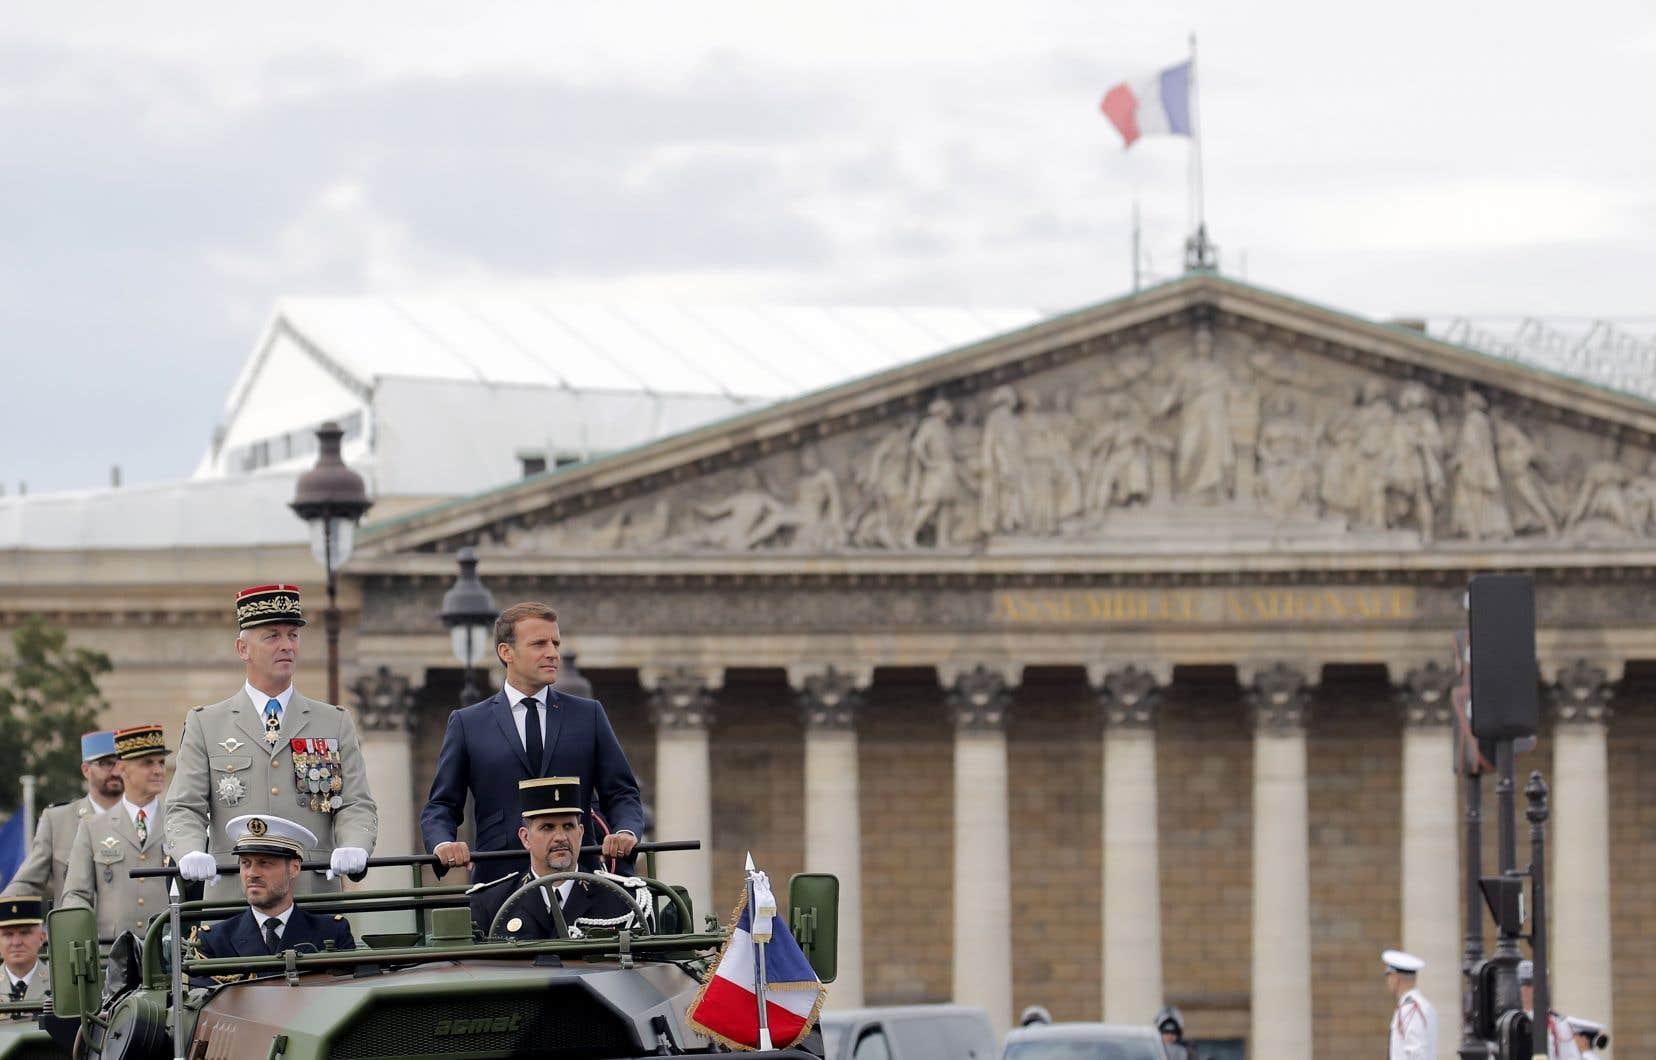 Les célébrations du 14 juillet se sont limitées cette année à la place de la Concorde, où se sont déroulés un spectacle aérien et une cérémonie mettant en vedette les soignants qui ont combattu la pandémie. Emmanuel Macron y est arrivé à bord d'un véhicule militaire.